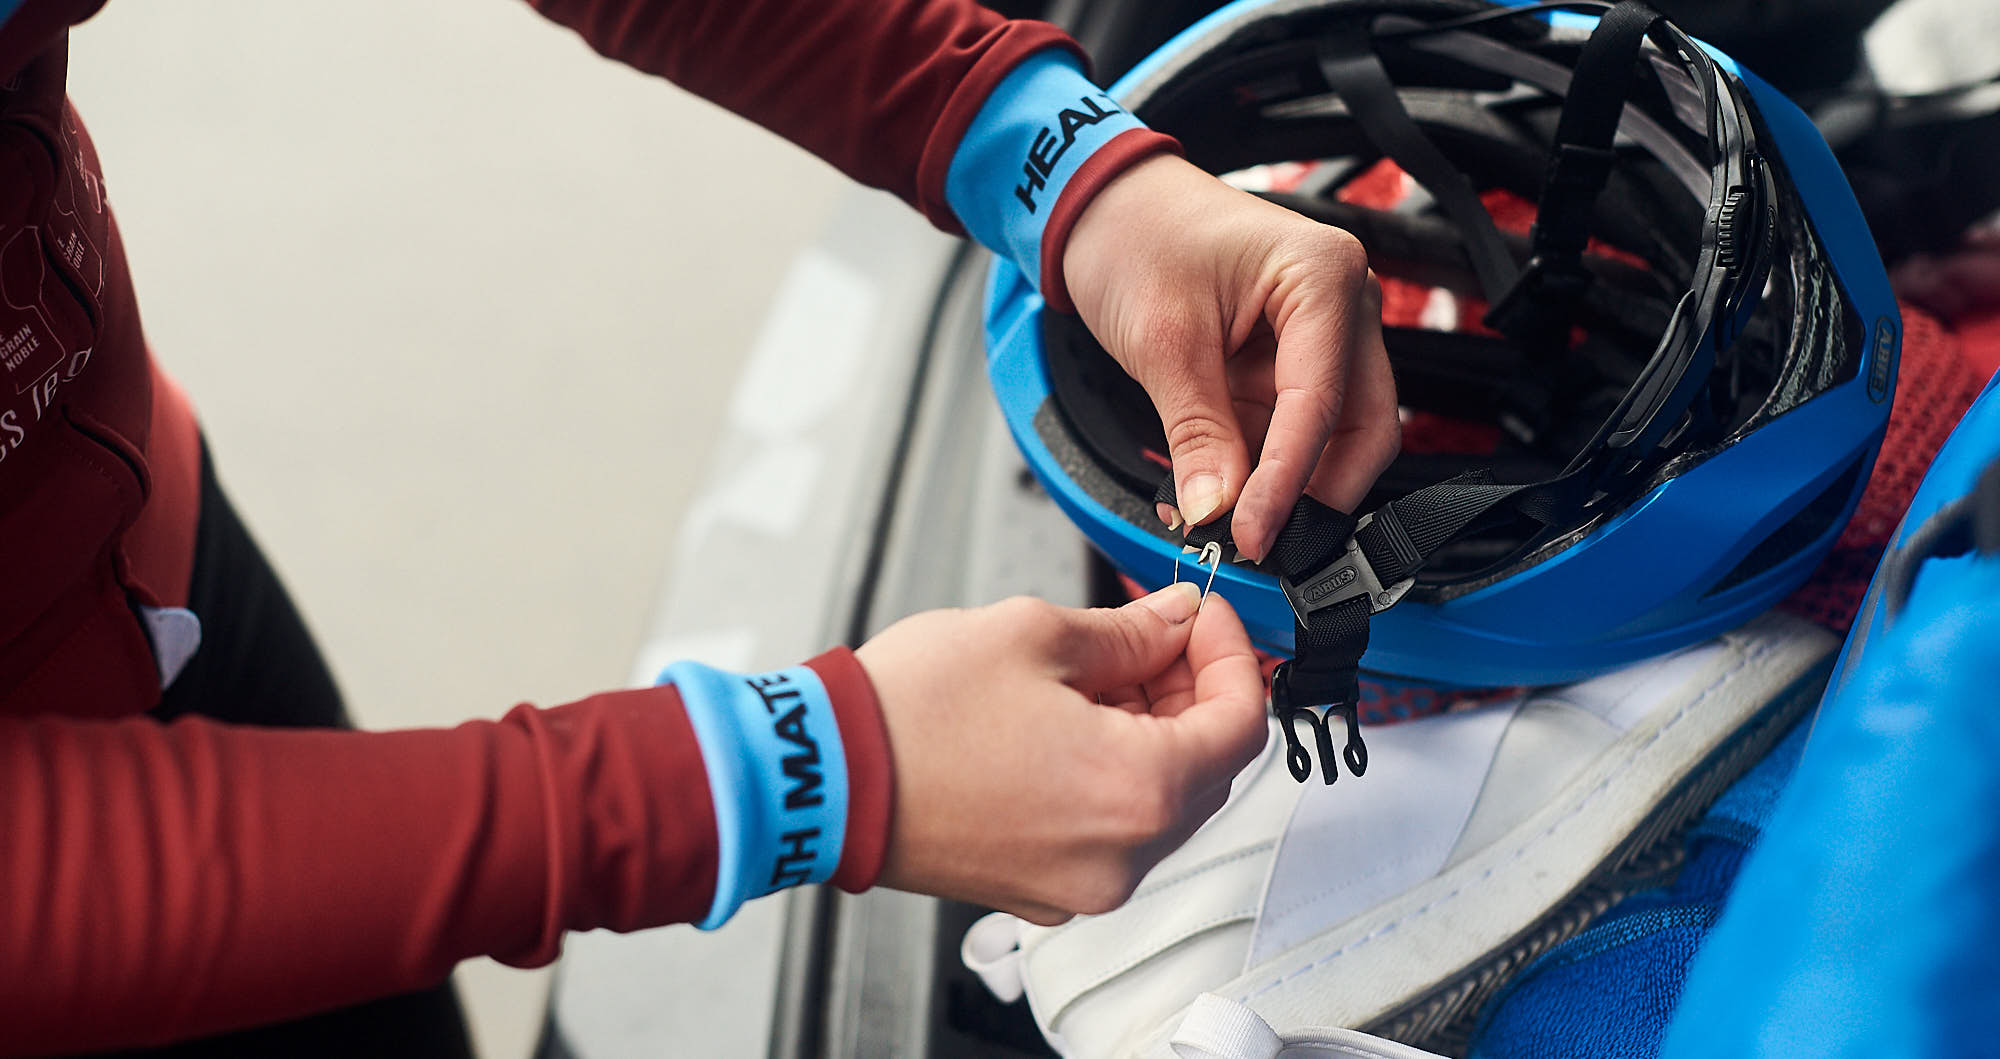 Cyclist fixing her helmet